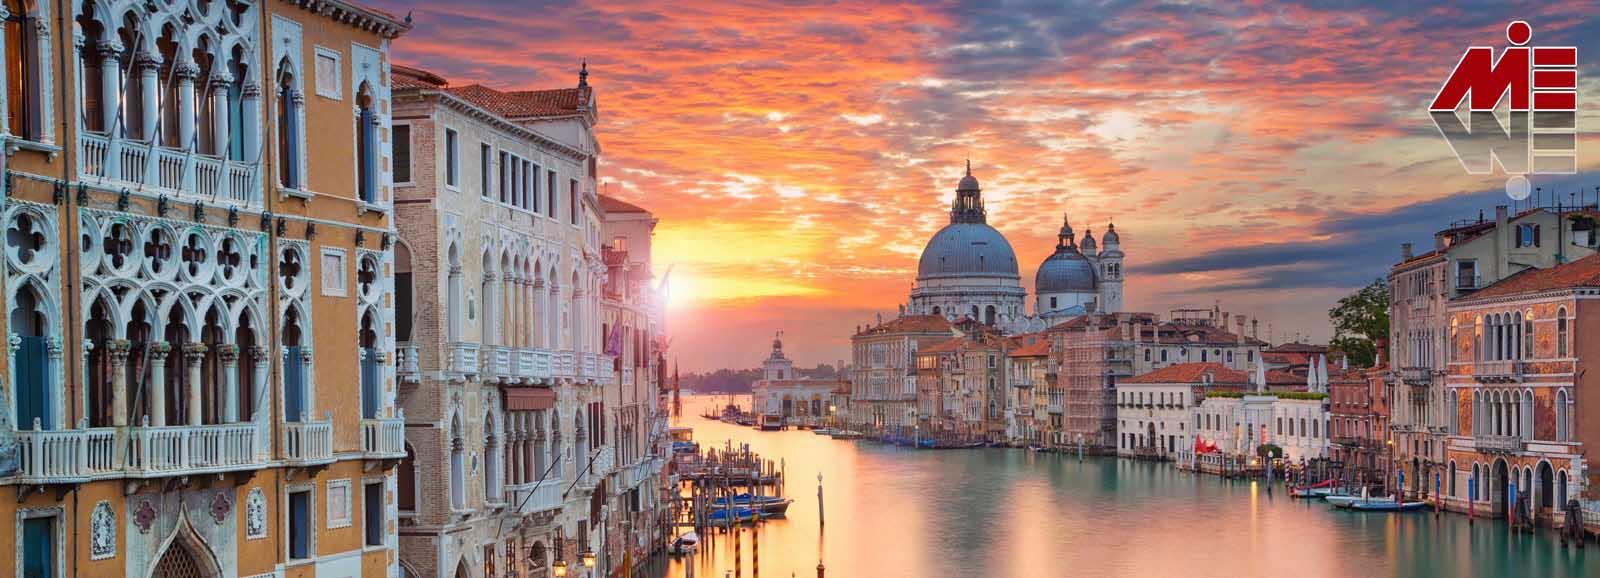 تولد در ایتالیا 5 تولد در ایتالیا